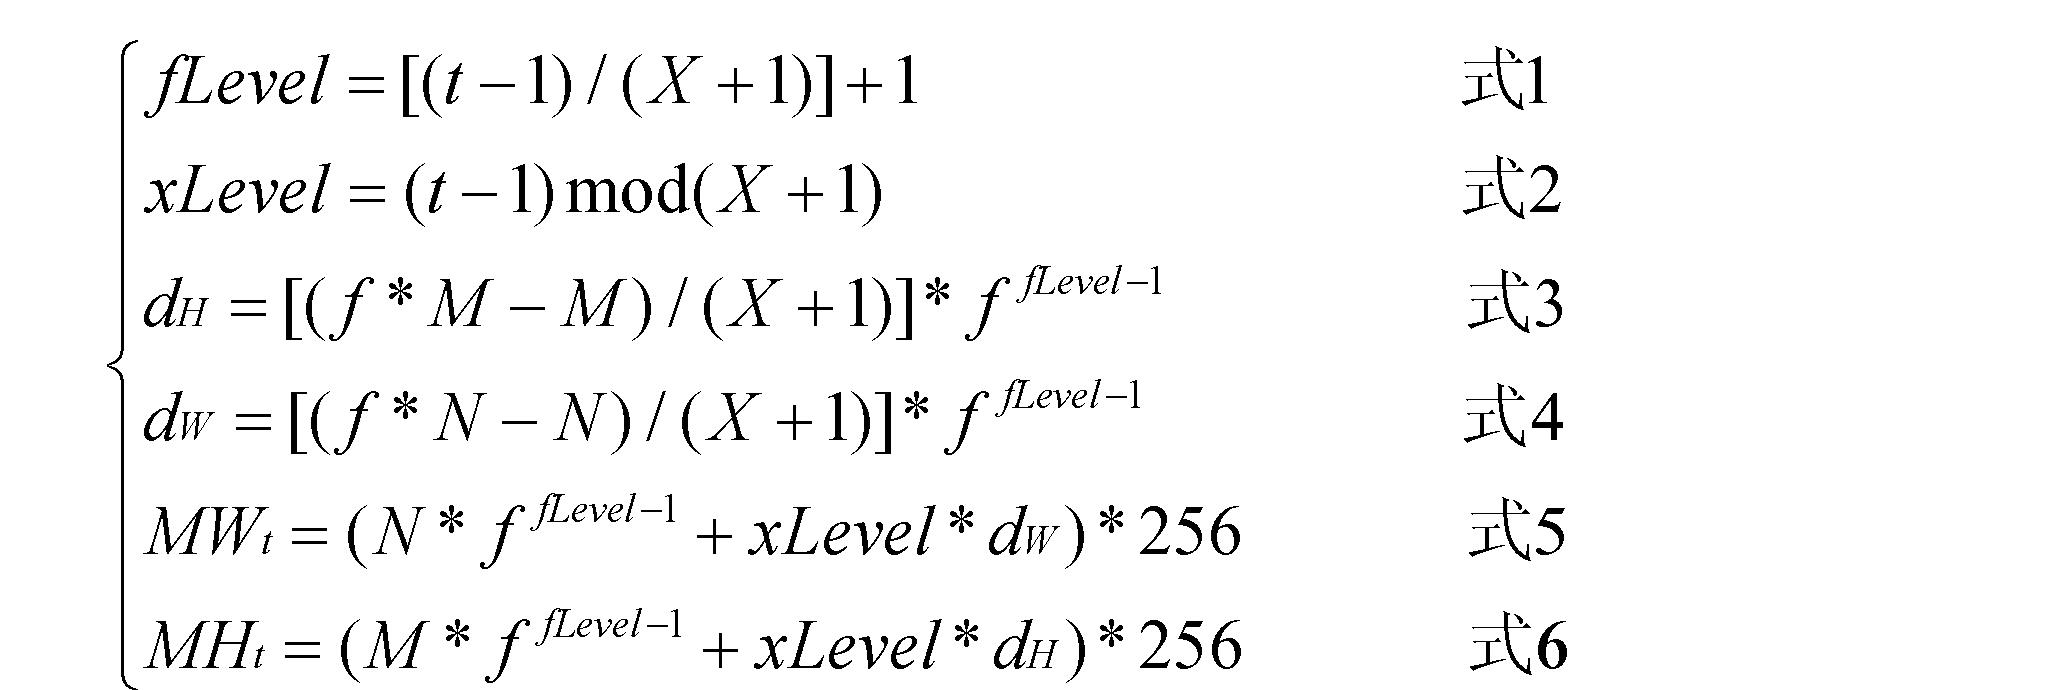 [0099] 其中,flevel代表嵌套金字塔模型中第t级所在组合模型大级别的